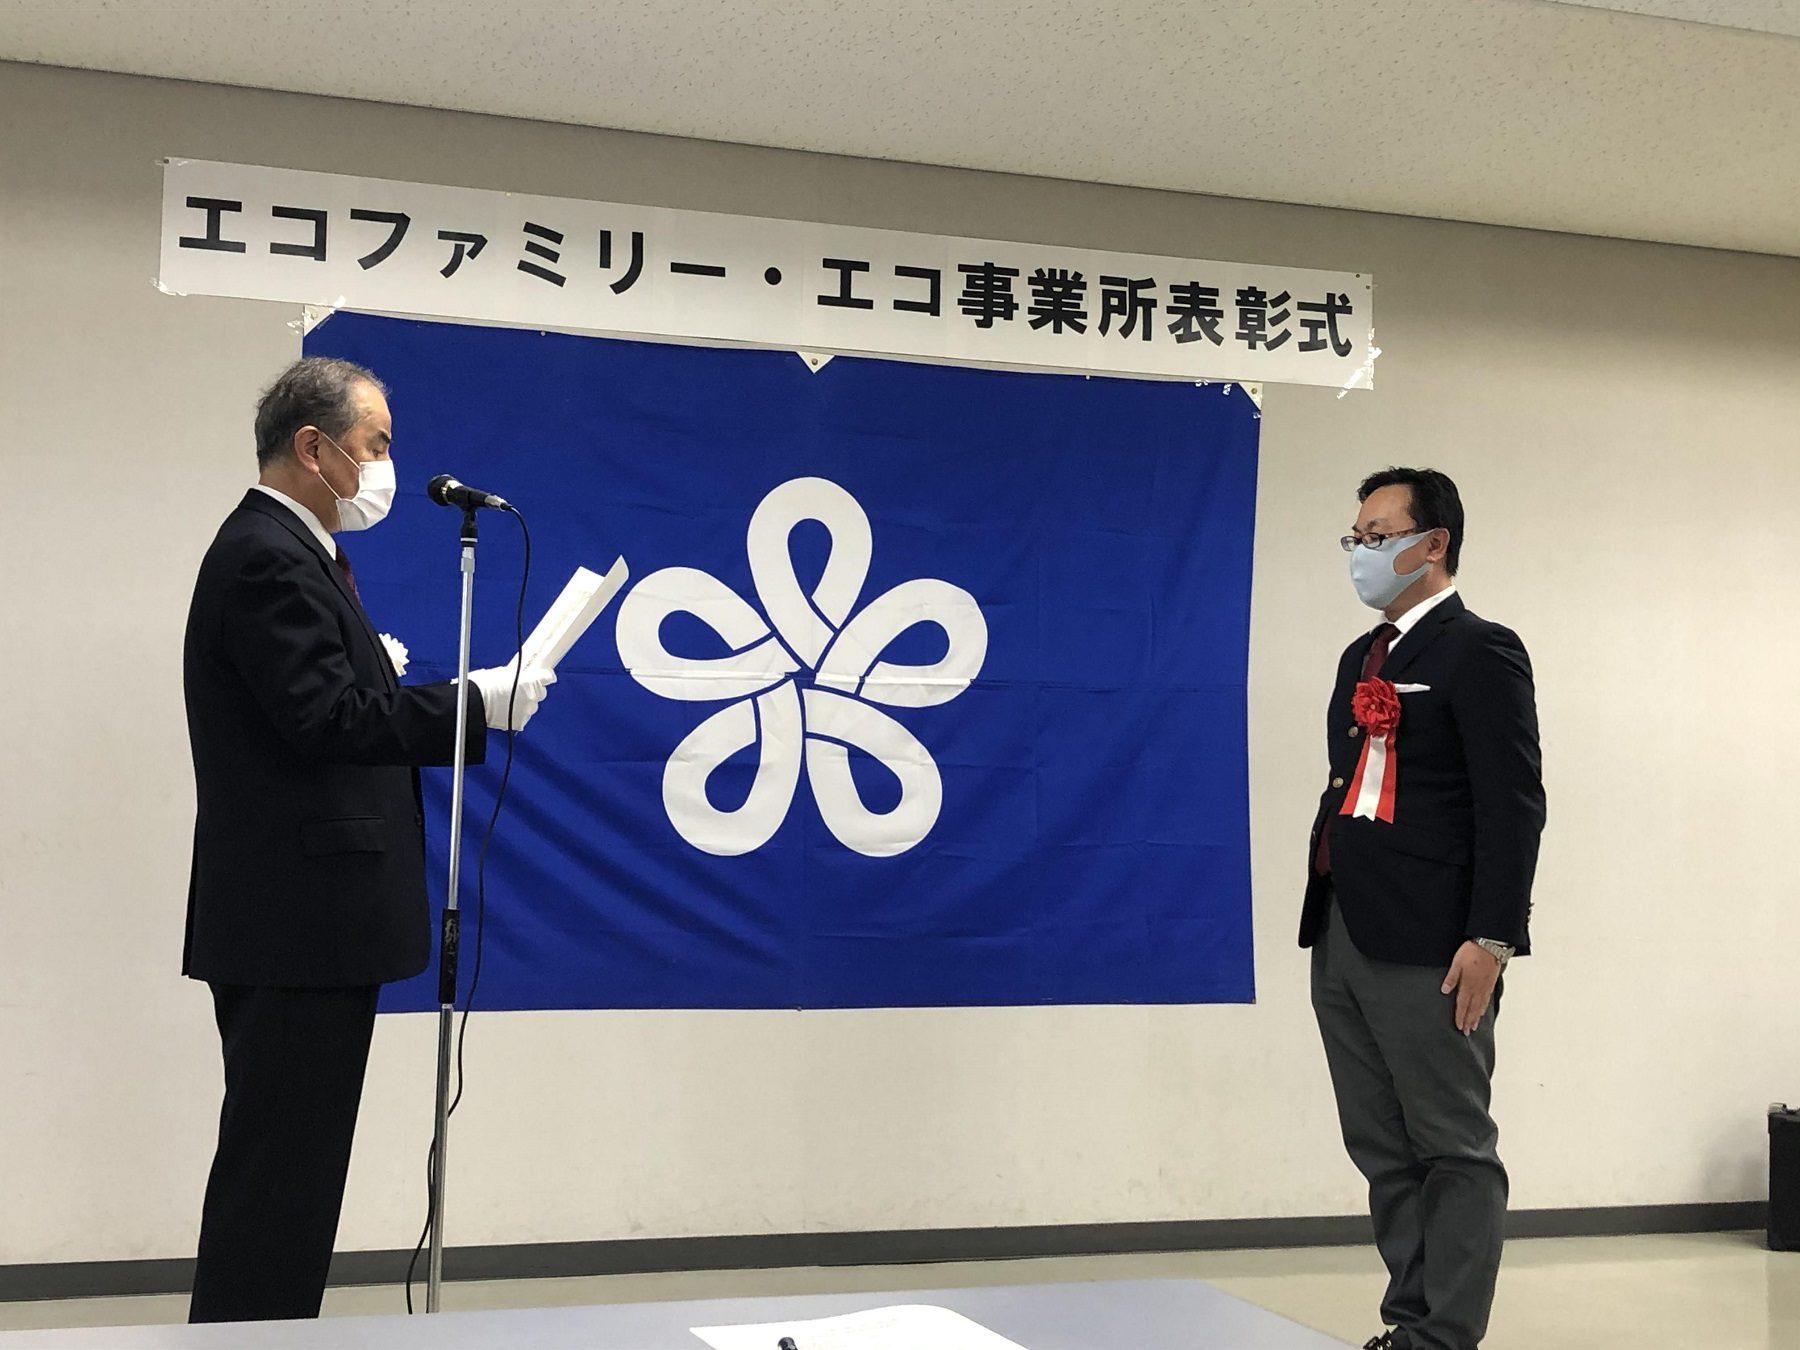 ATU 福岡 警備 エコ事業所 表彰式 対面